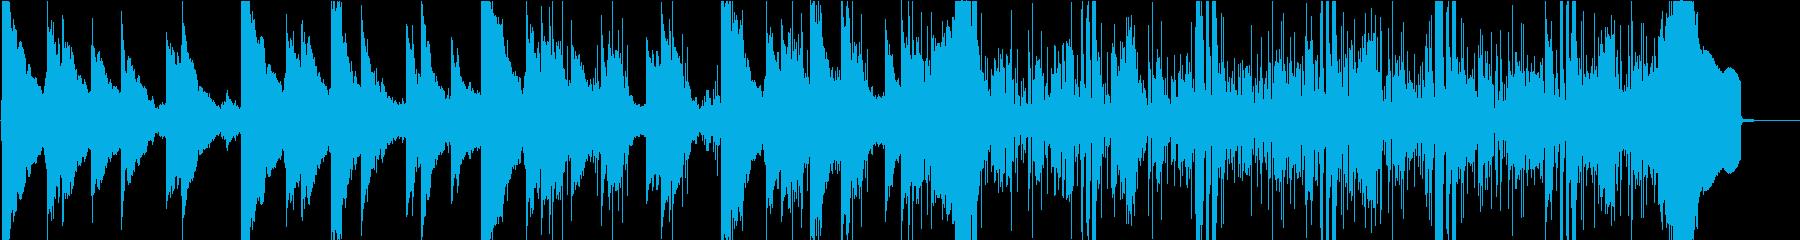 ミステリアスで怪しい曲の再生済みの波形